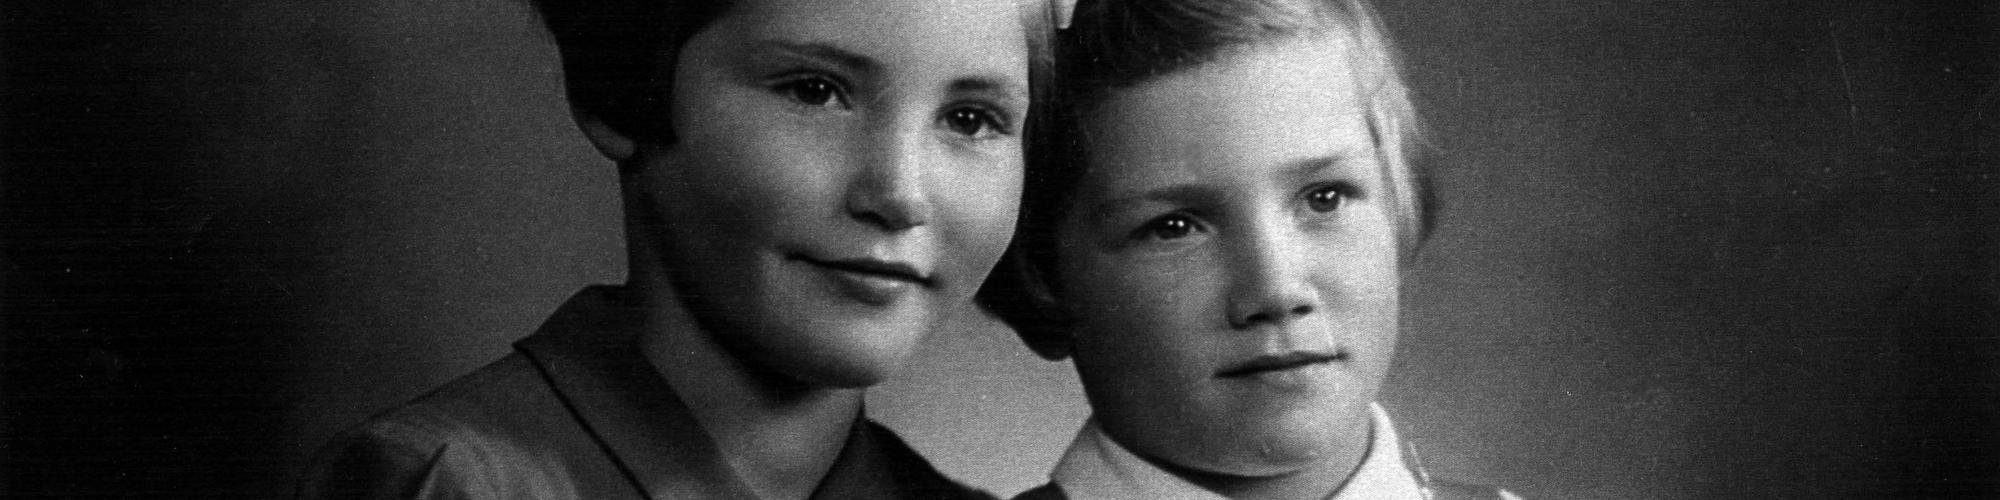 """La collection de photos """"Enfants de guerre"""""""